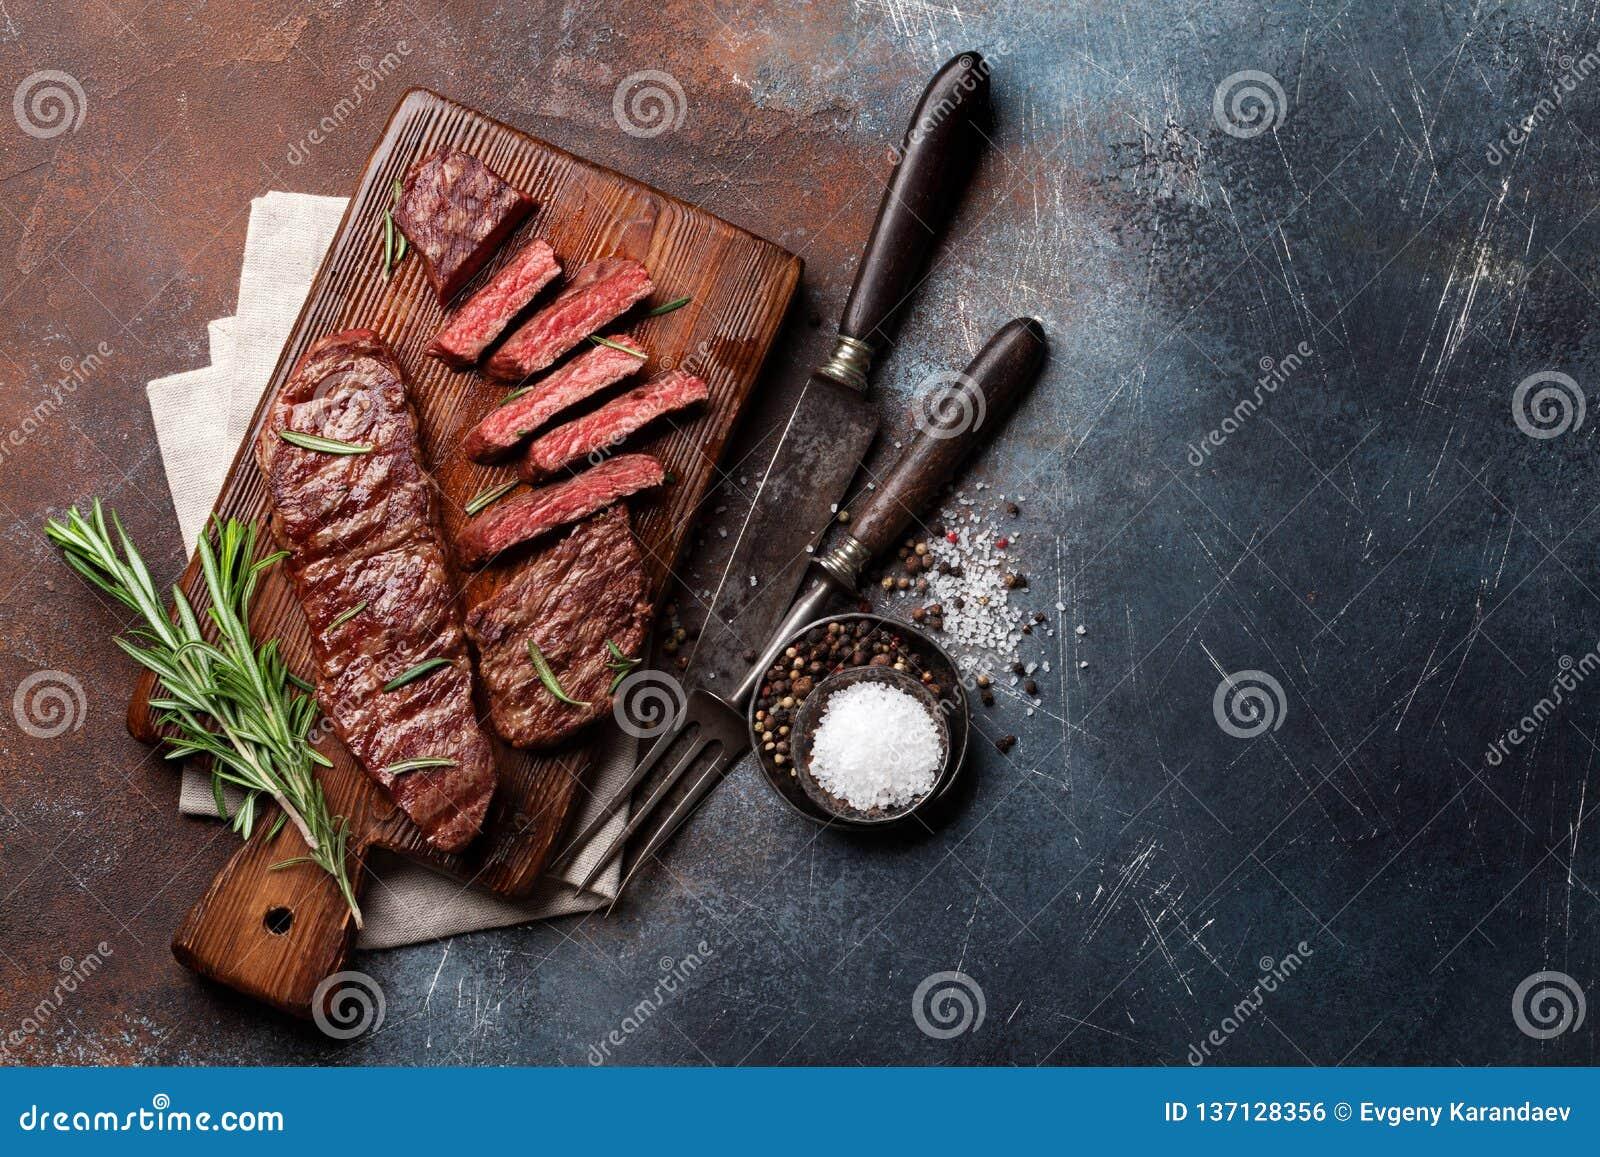 Obermesser oder Denver-Steak